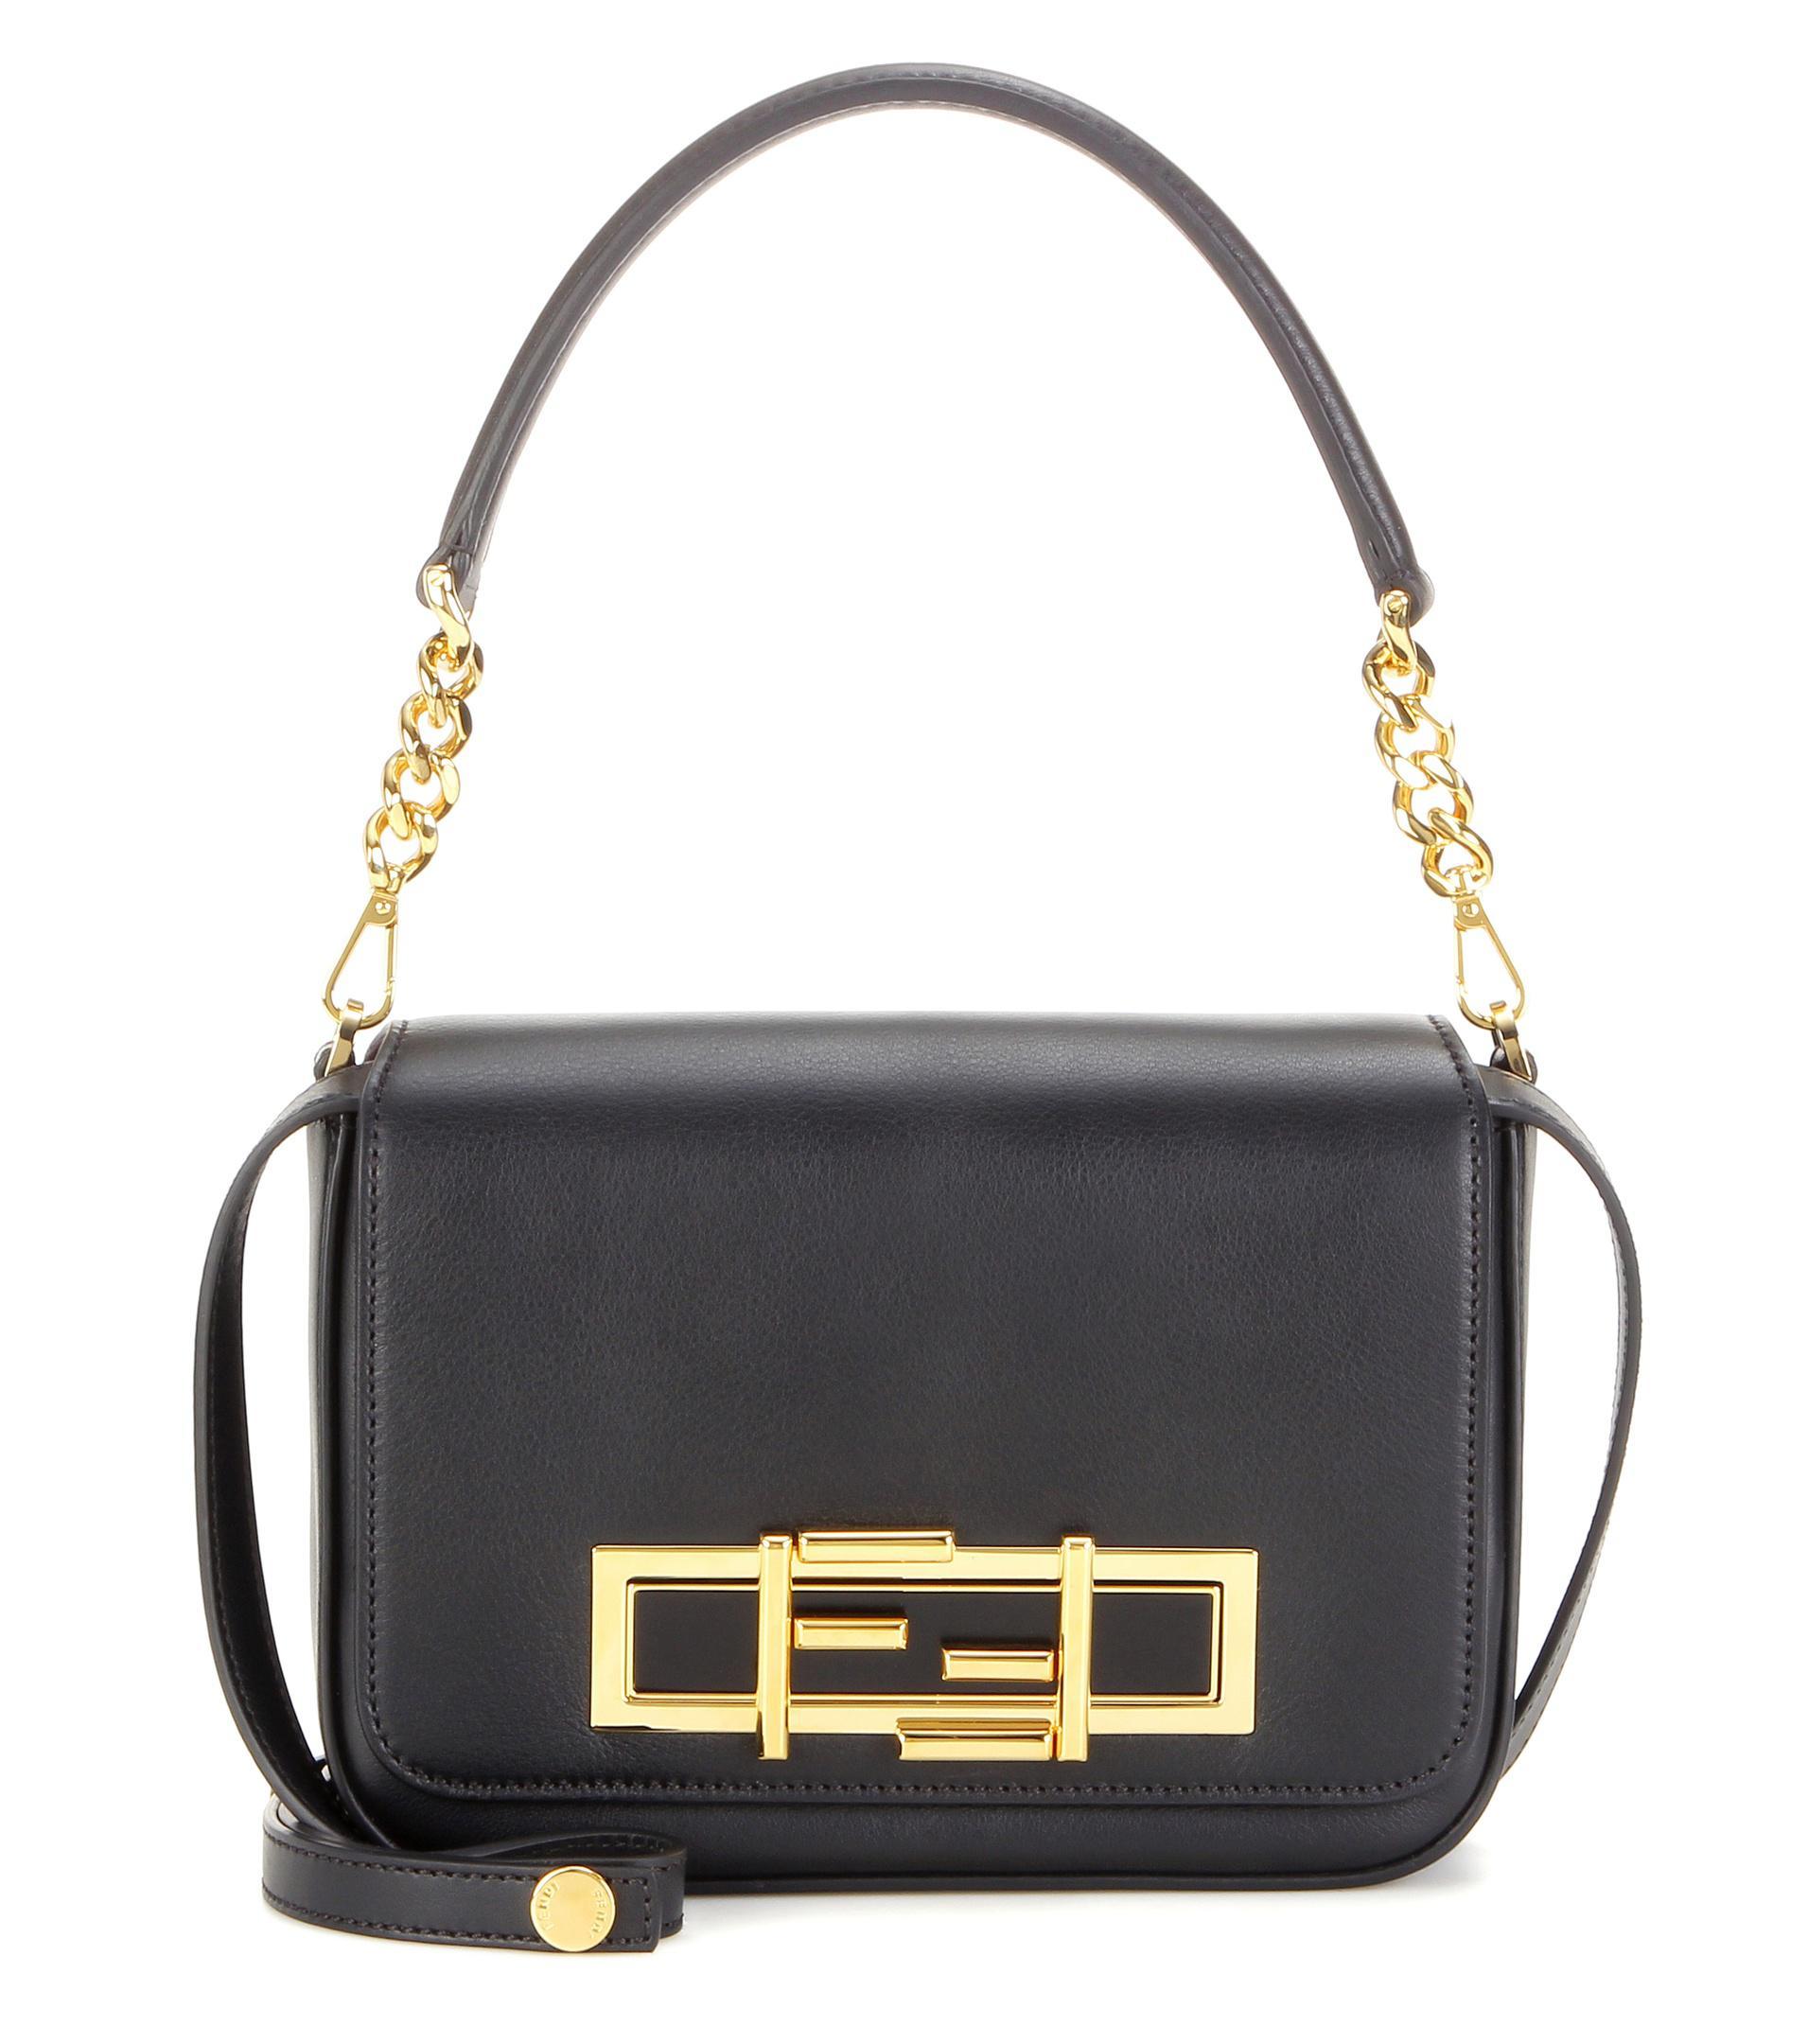 6d0ae5f4a4 Lyst - Fendi 3Baguette Leather Shoulder Bag in Black